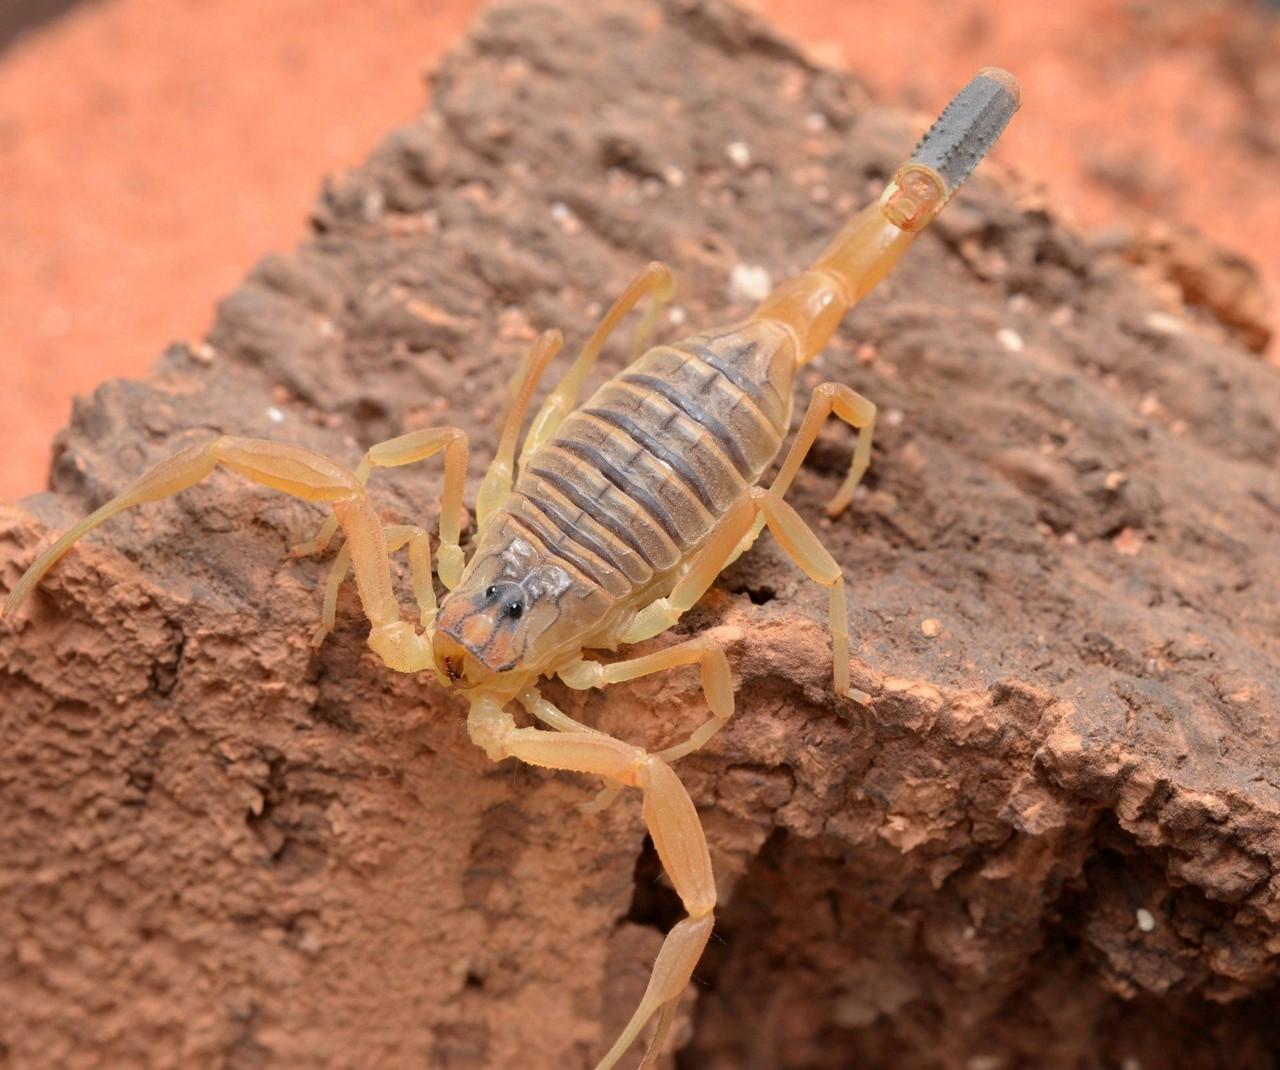 Самый ядовитый из скорпионов скорпион, скорпиона, ядовитый, Leiurus, скорпионы, может, другие, сверчками, больше, этого, quinquestriatus, который, Северной, живет, университета, пустынях, исследователи, временем, Вашингтона, камнями